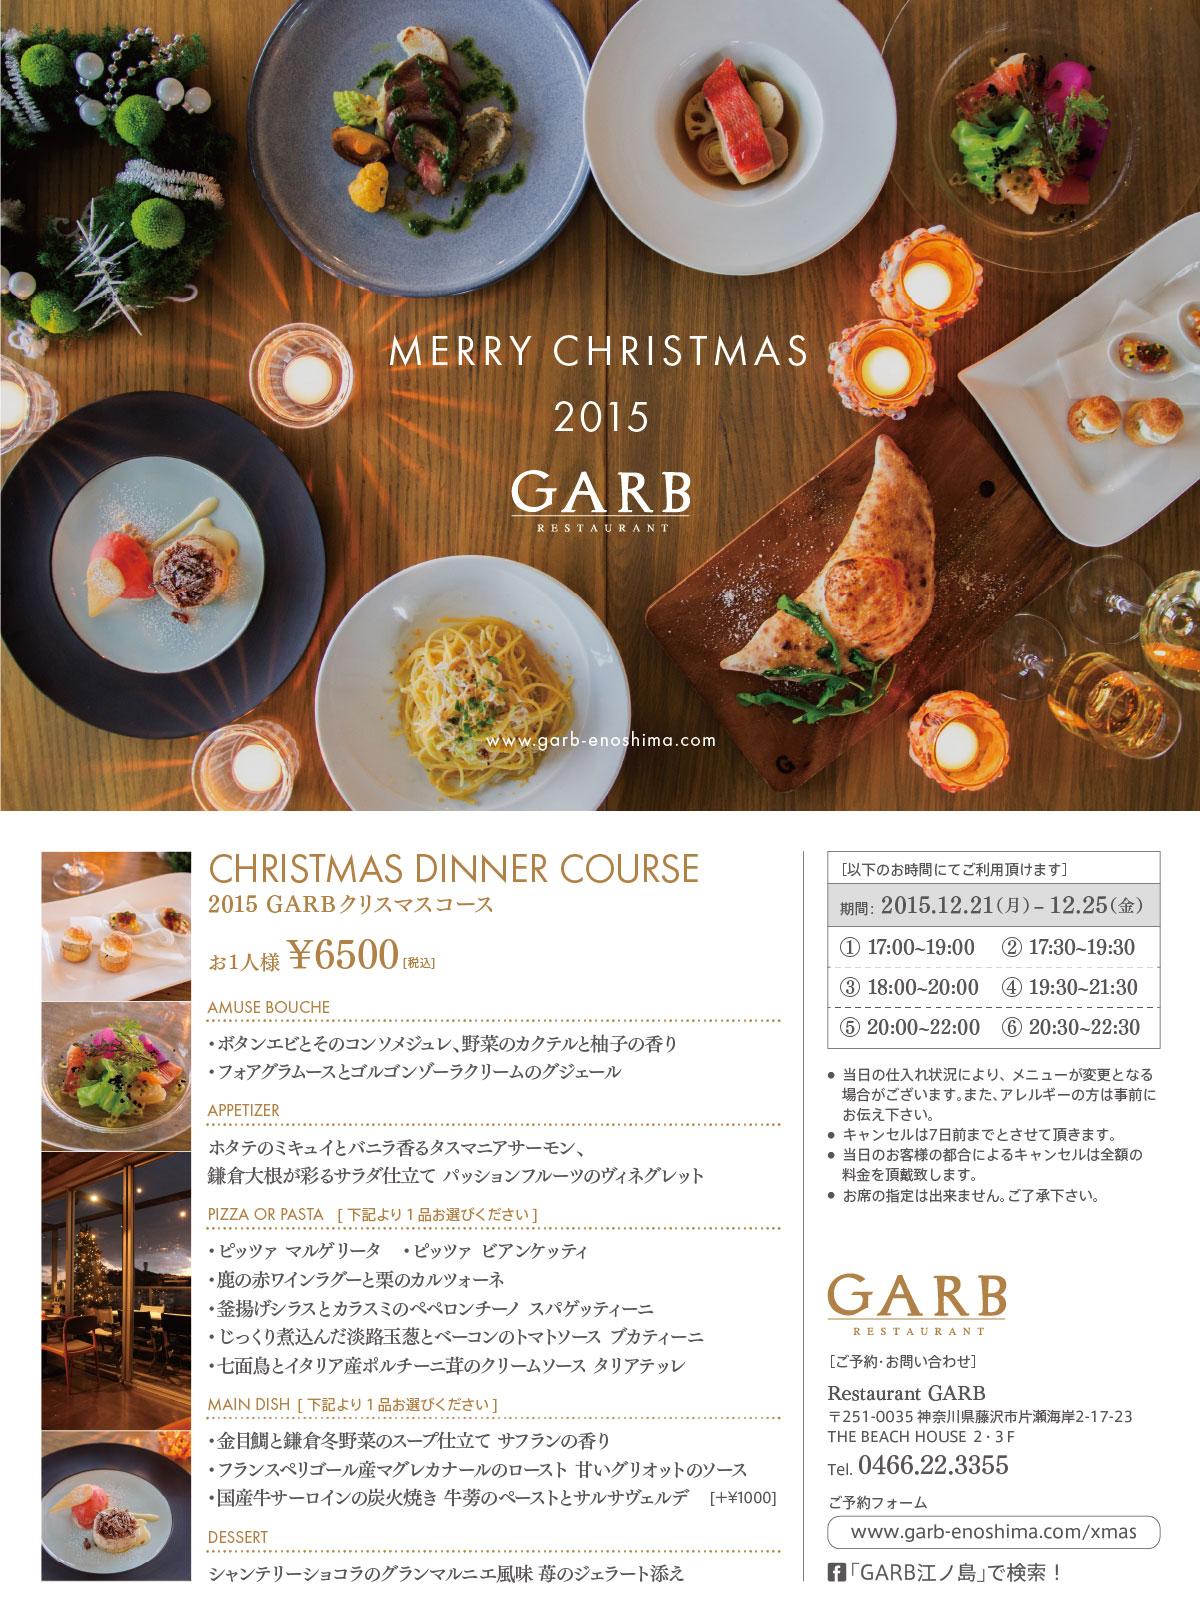 ge_1511_Christmas_web.jpg